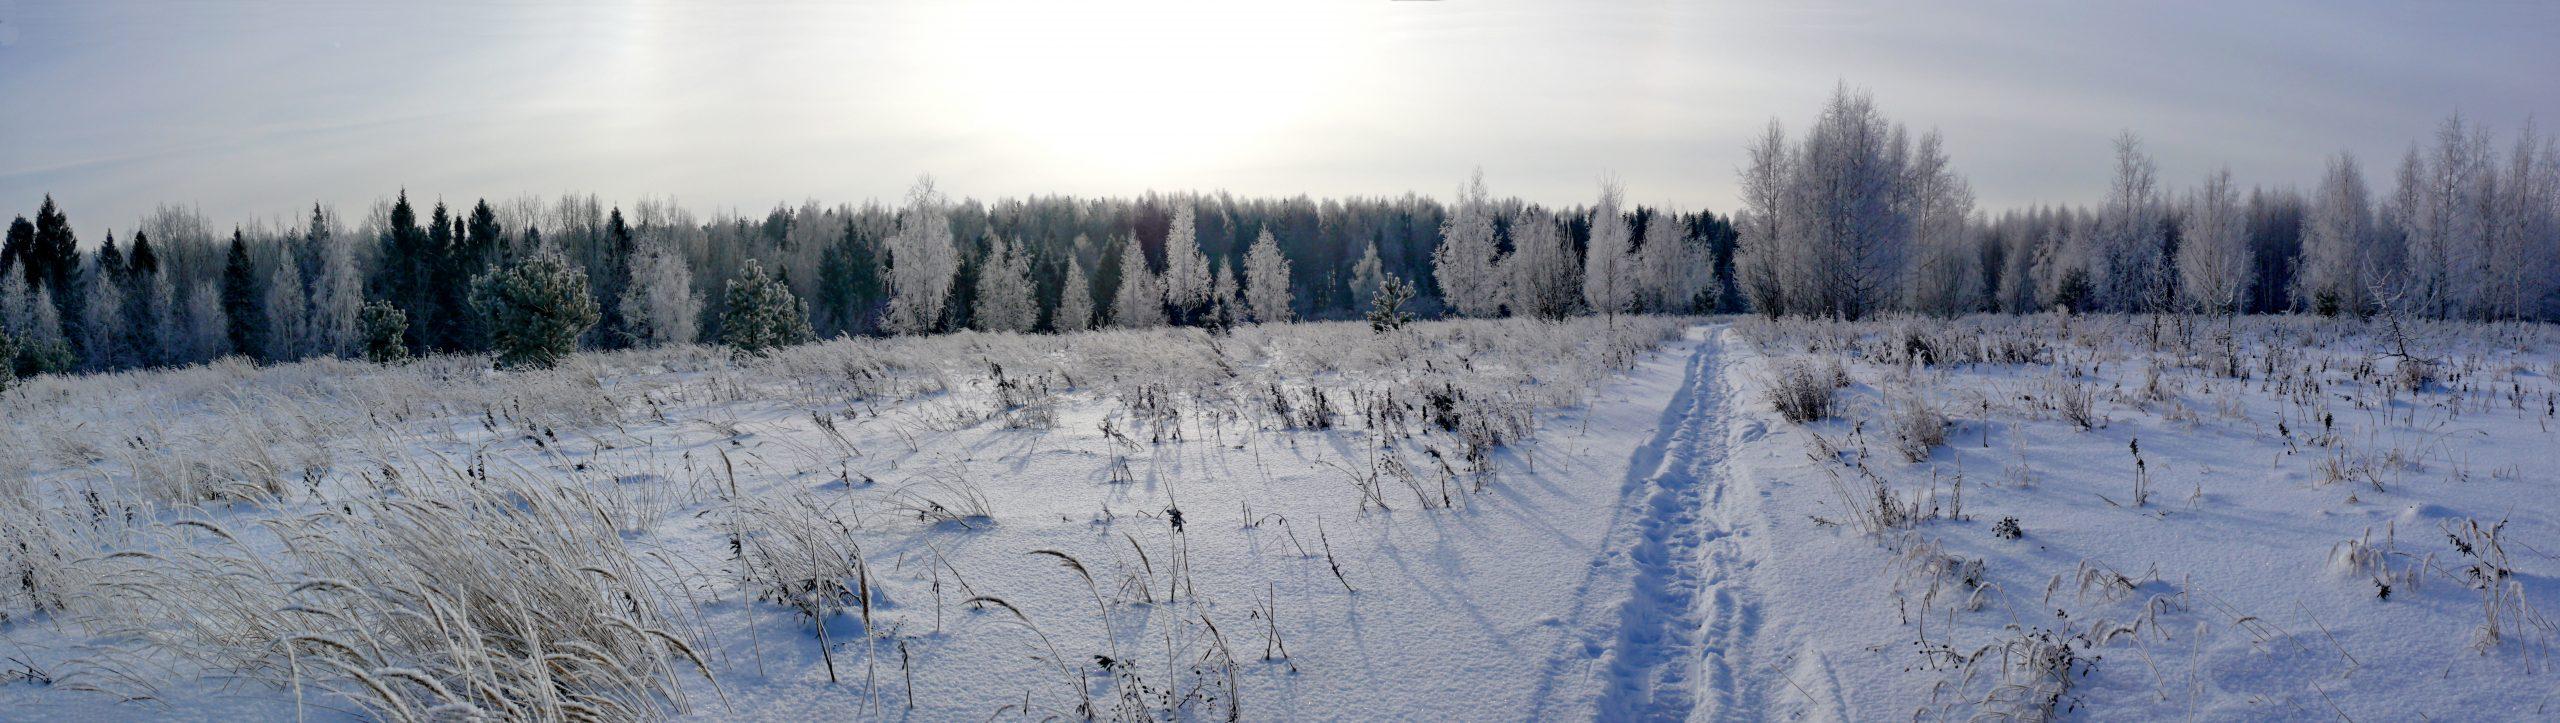 «Зима» Автор фото: Анатолий Борисов